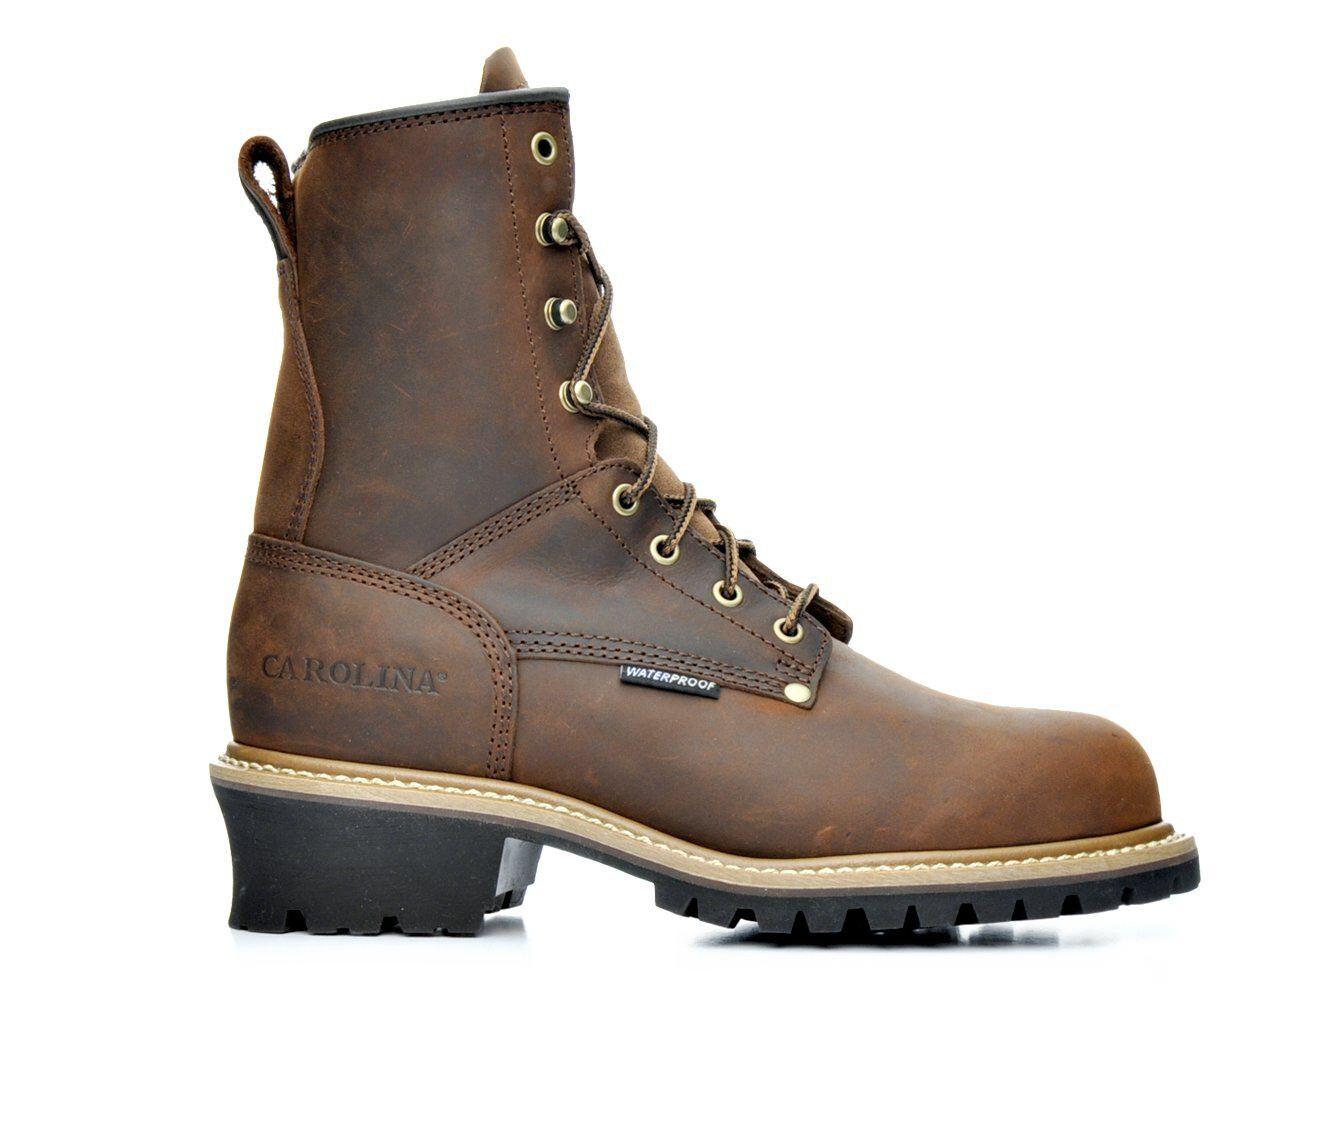 Men's Carolina Boots CA9821 8 In Steel Toe Waterproof Logging Work Boots Dark Brown